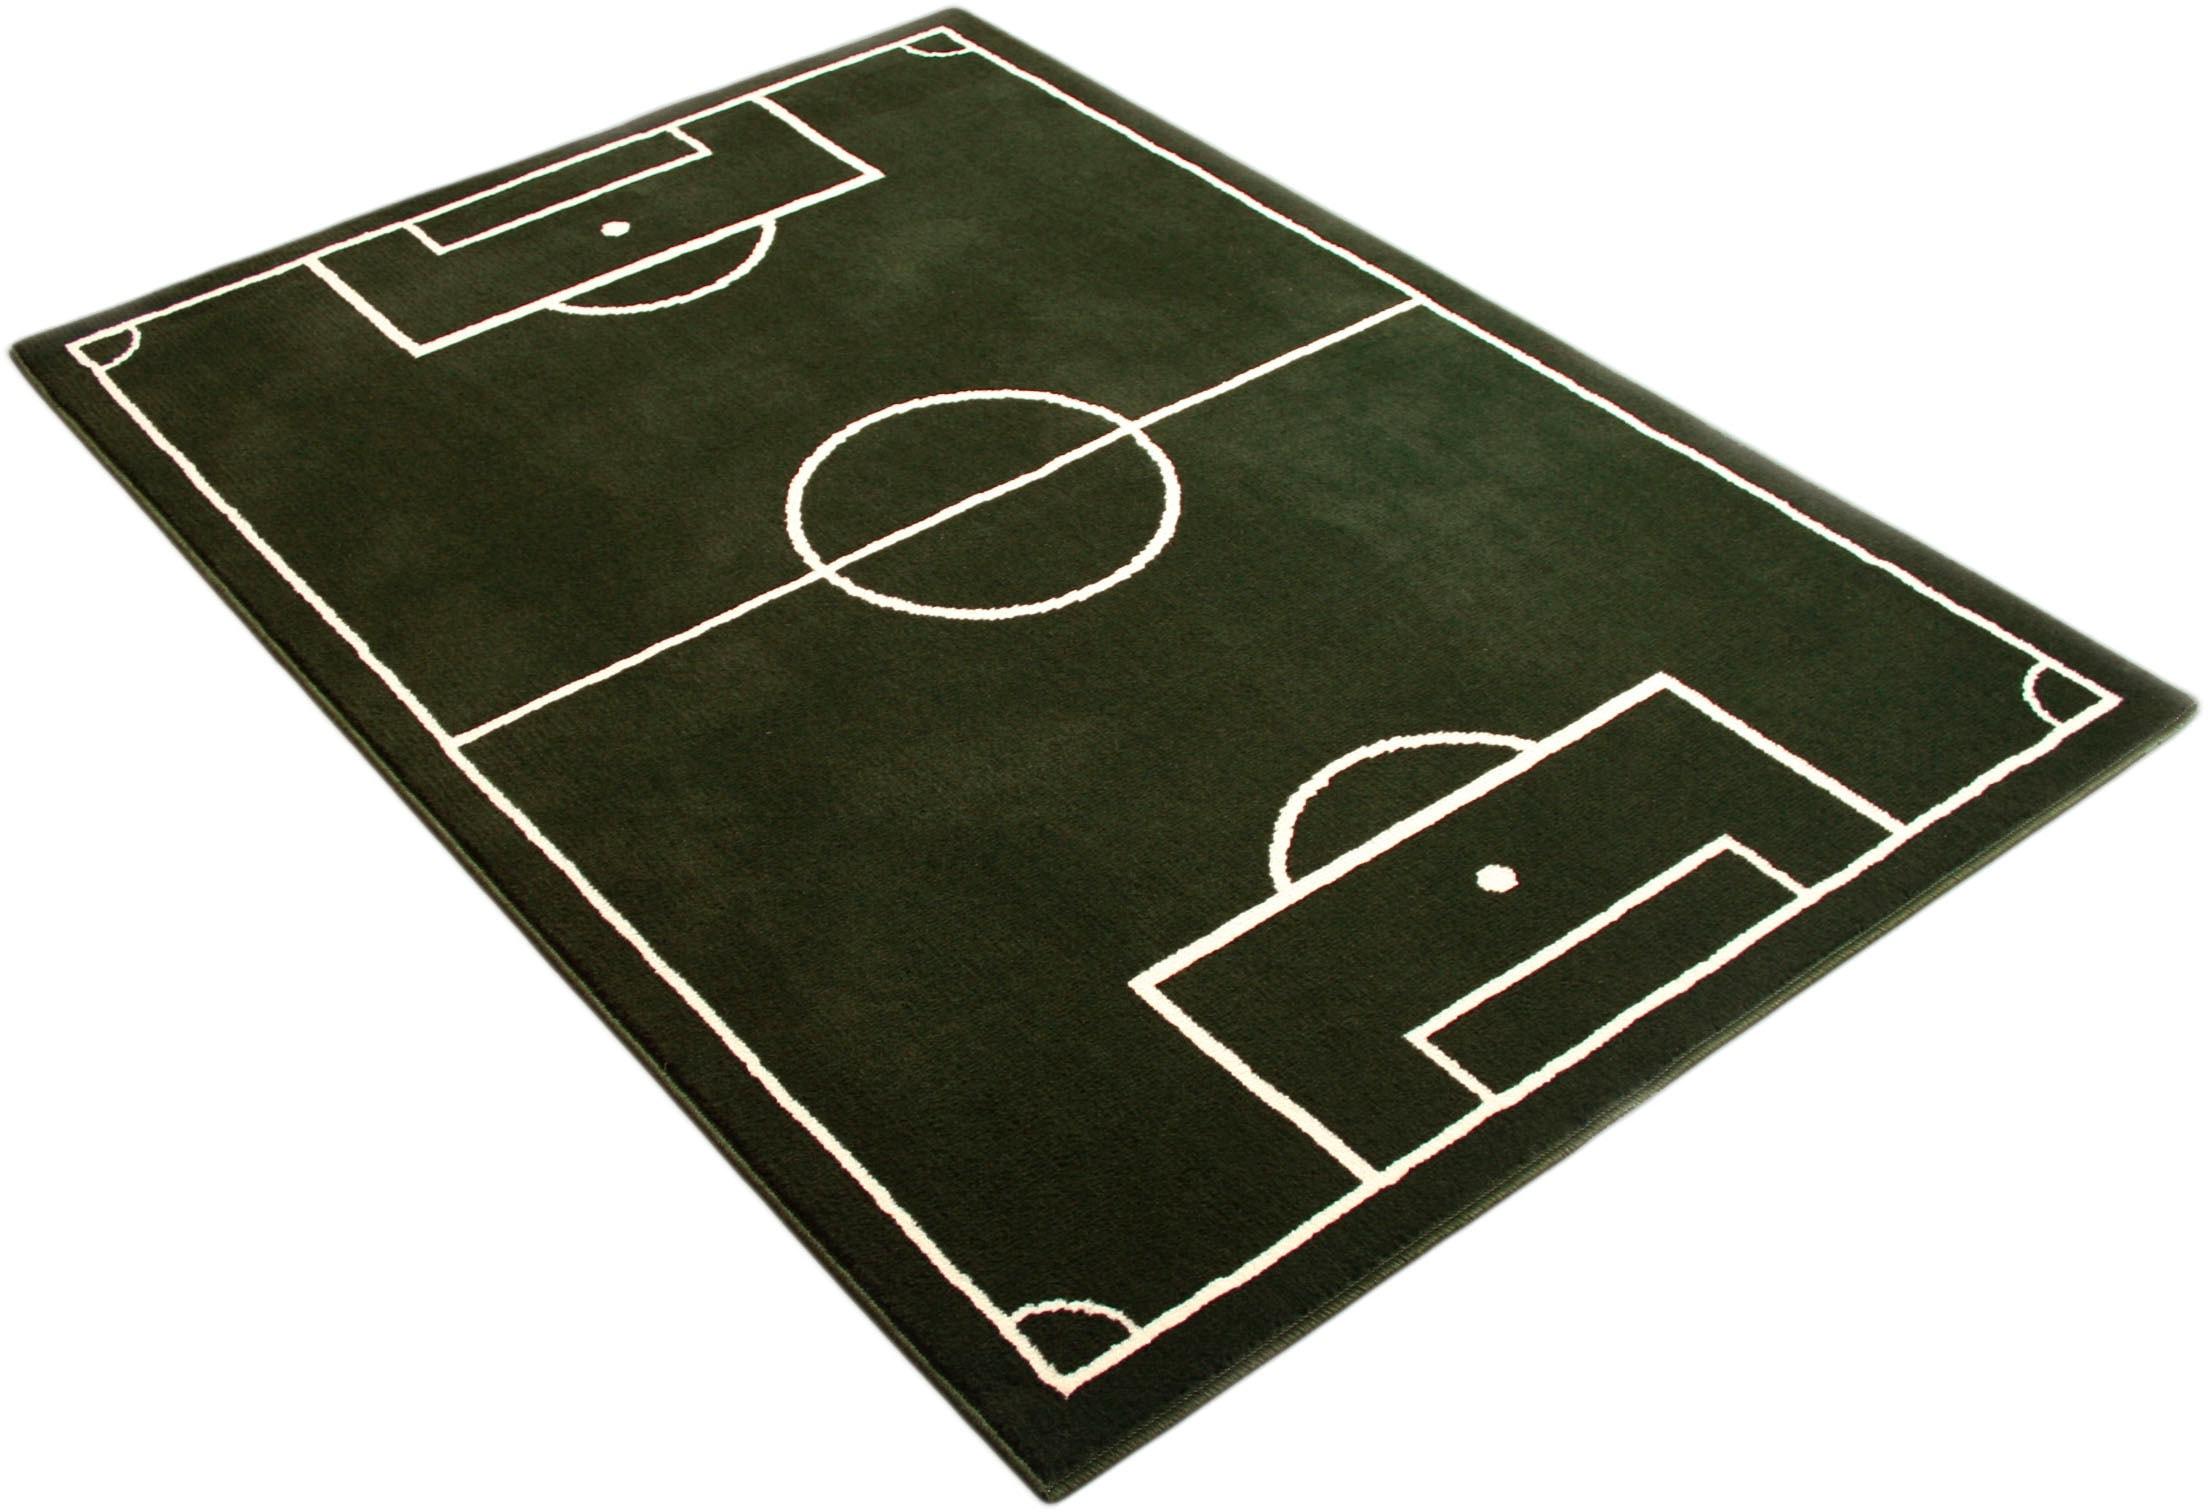 HANSE Home Kinderteppich Fussballplatz, rechteckig, 9 mm Höhe, Fußball, Spielteppich grün Kinder Bunte Kinderteppiche Teppiche